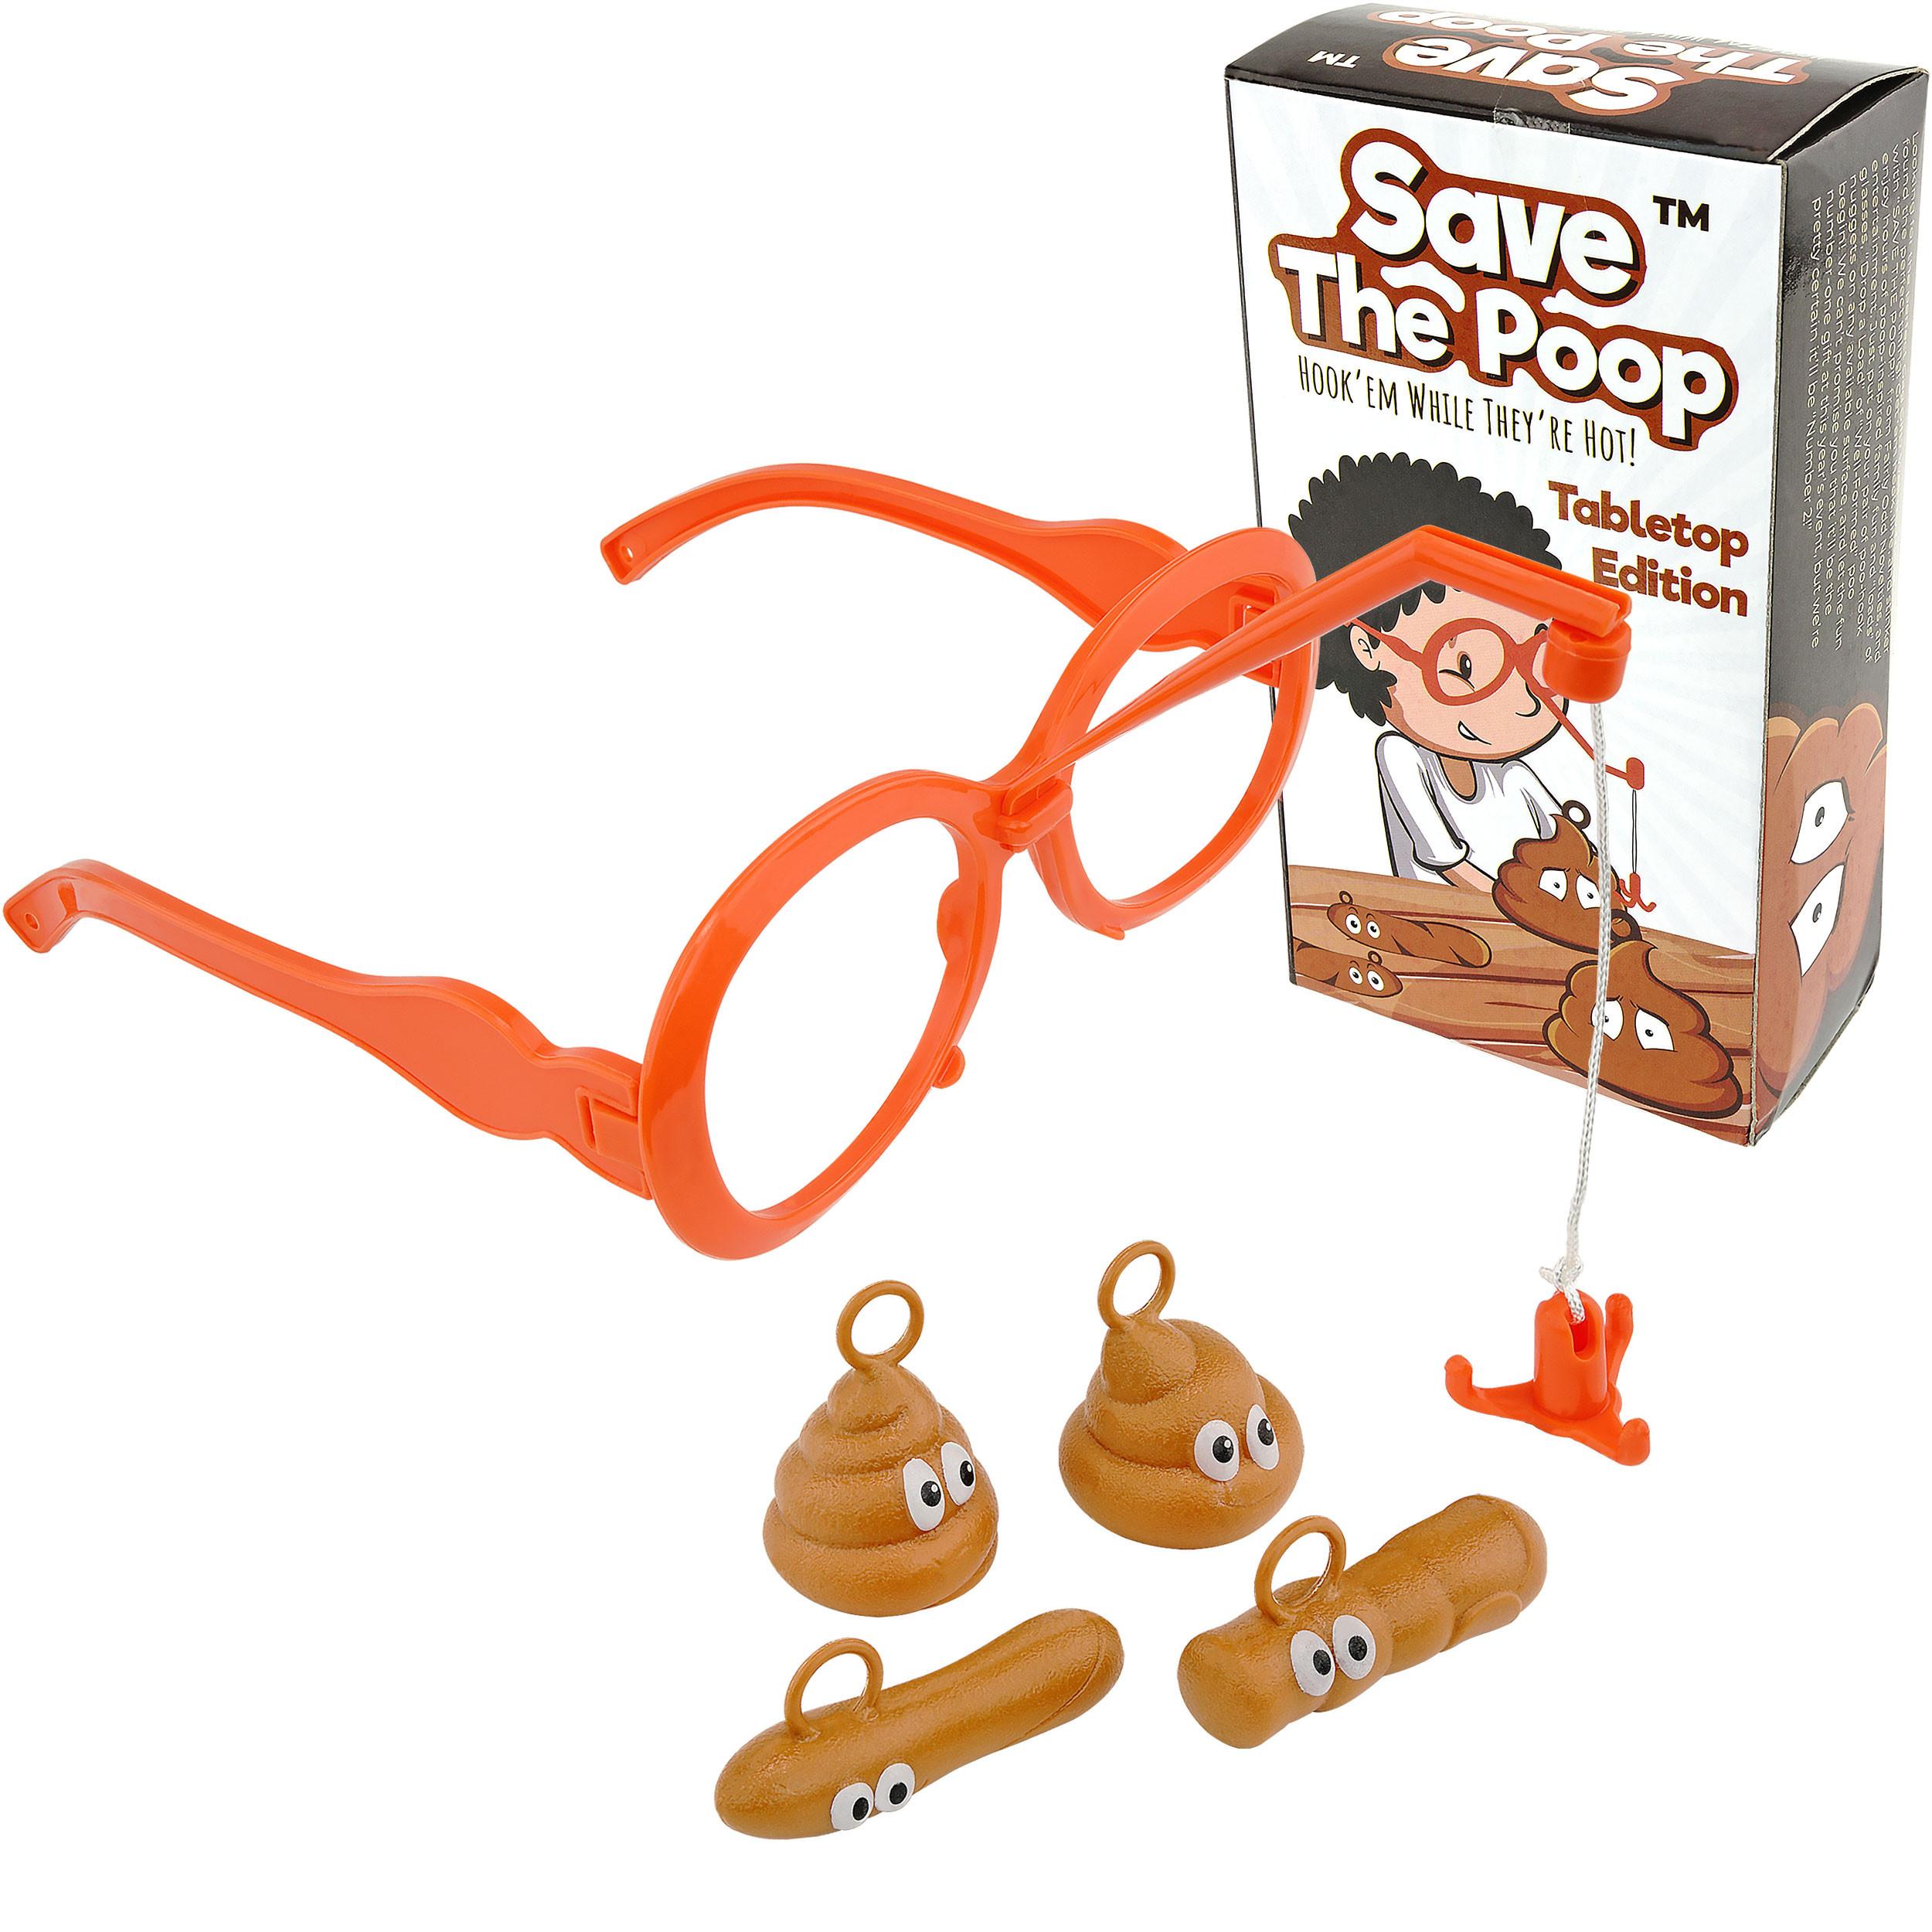 Save The Poop - Tabletop